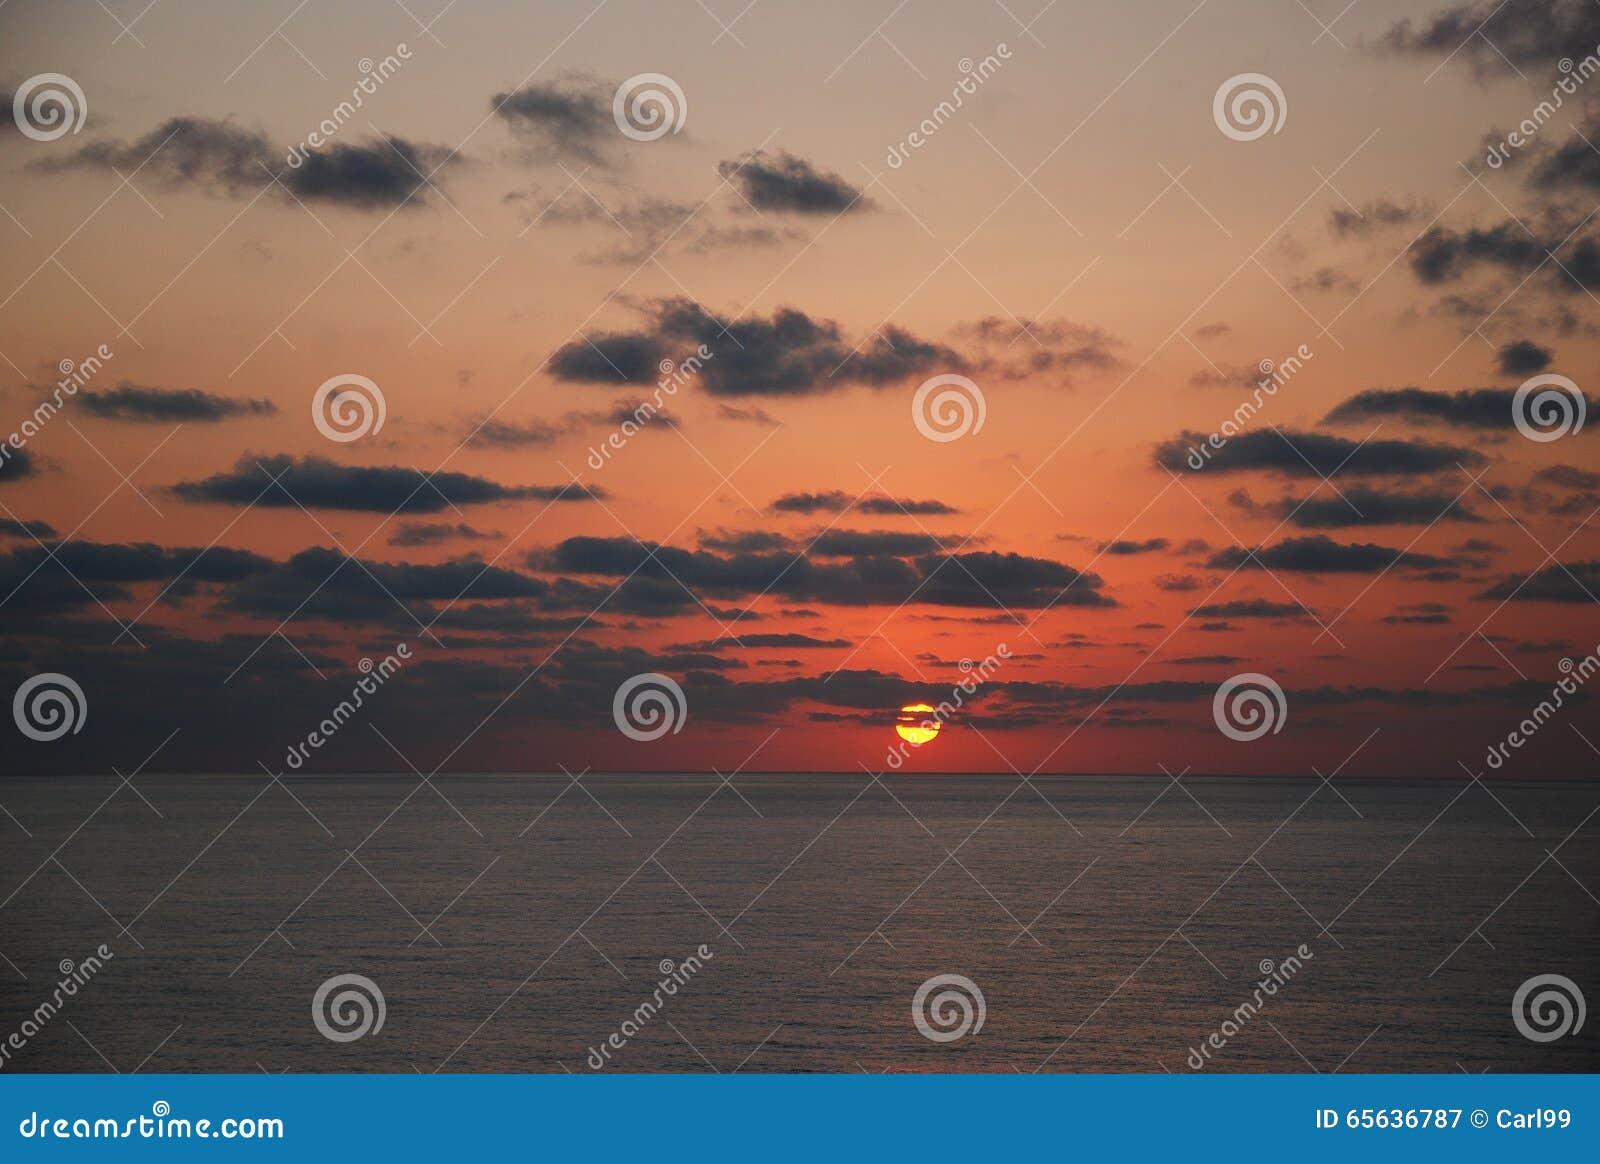 Le beau lever de soleil sur la mer